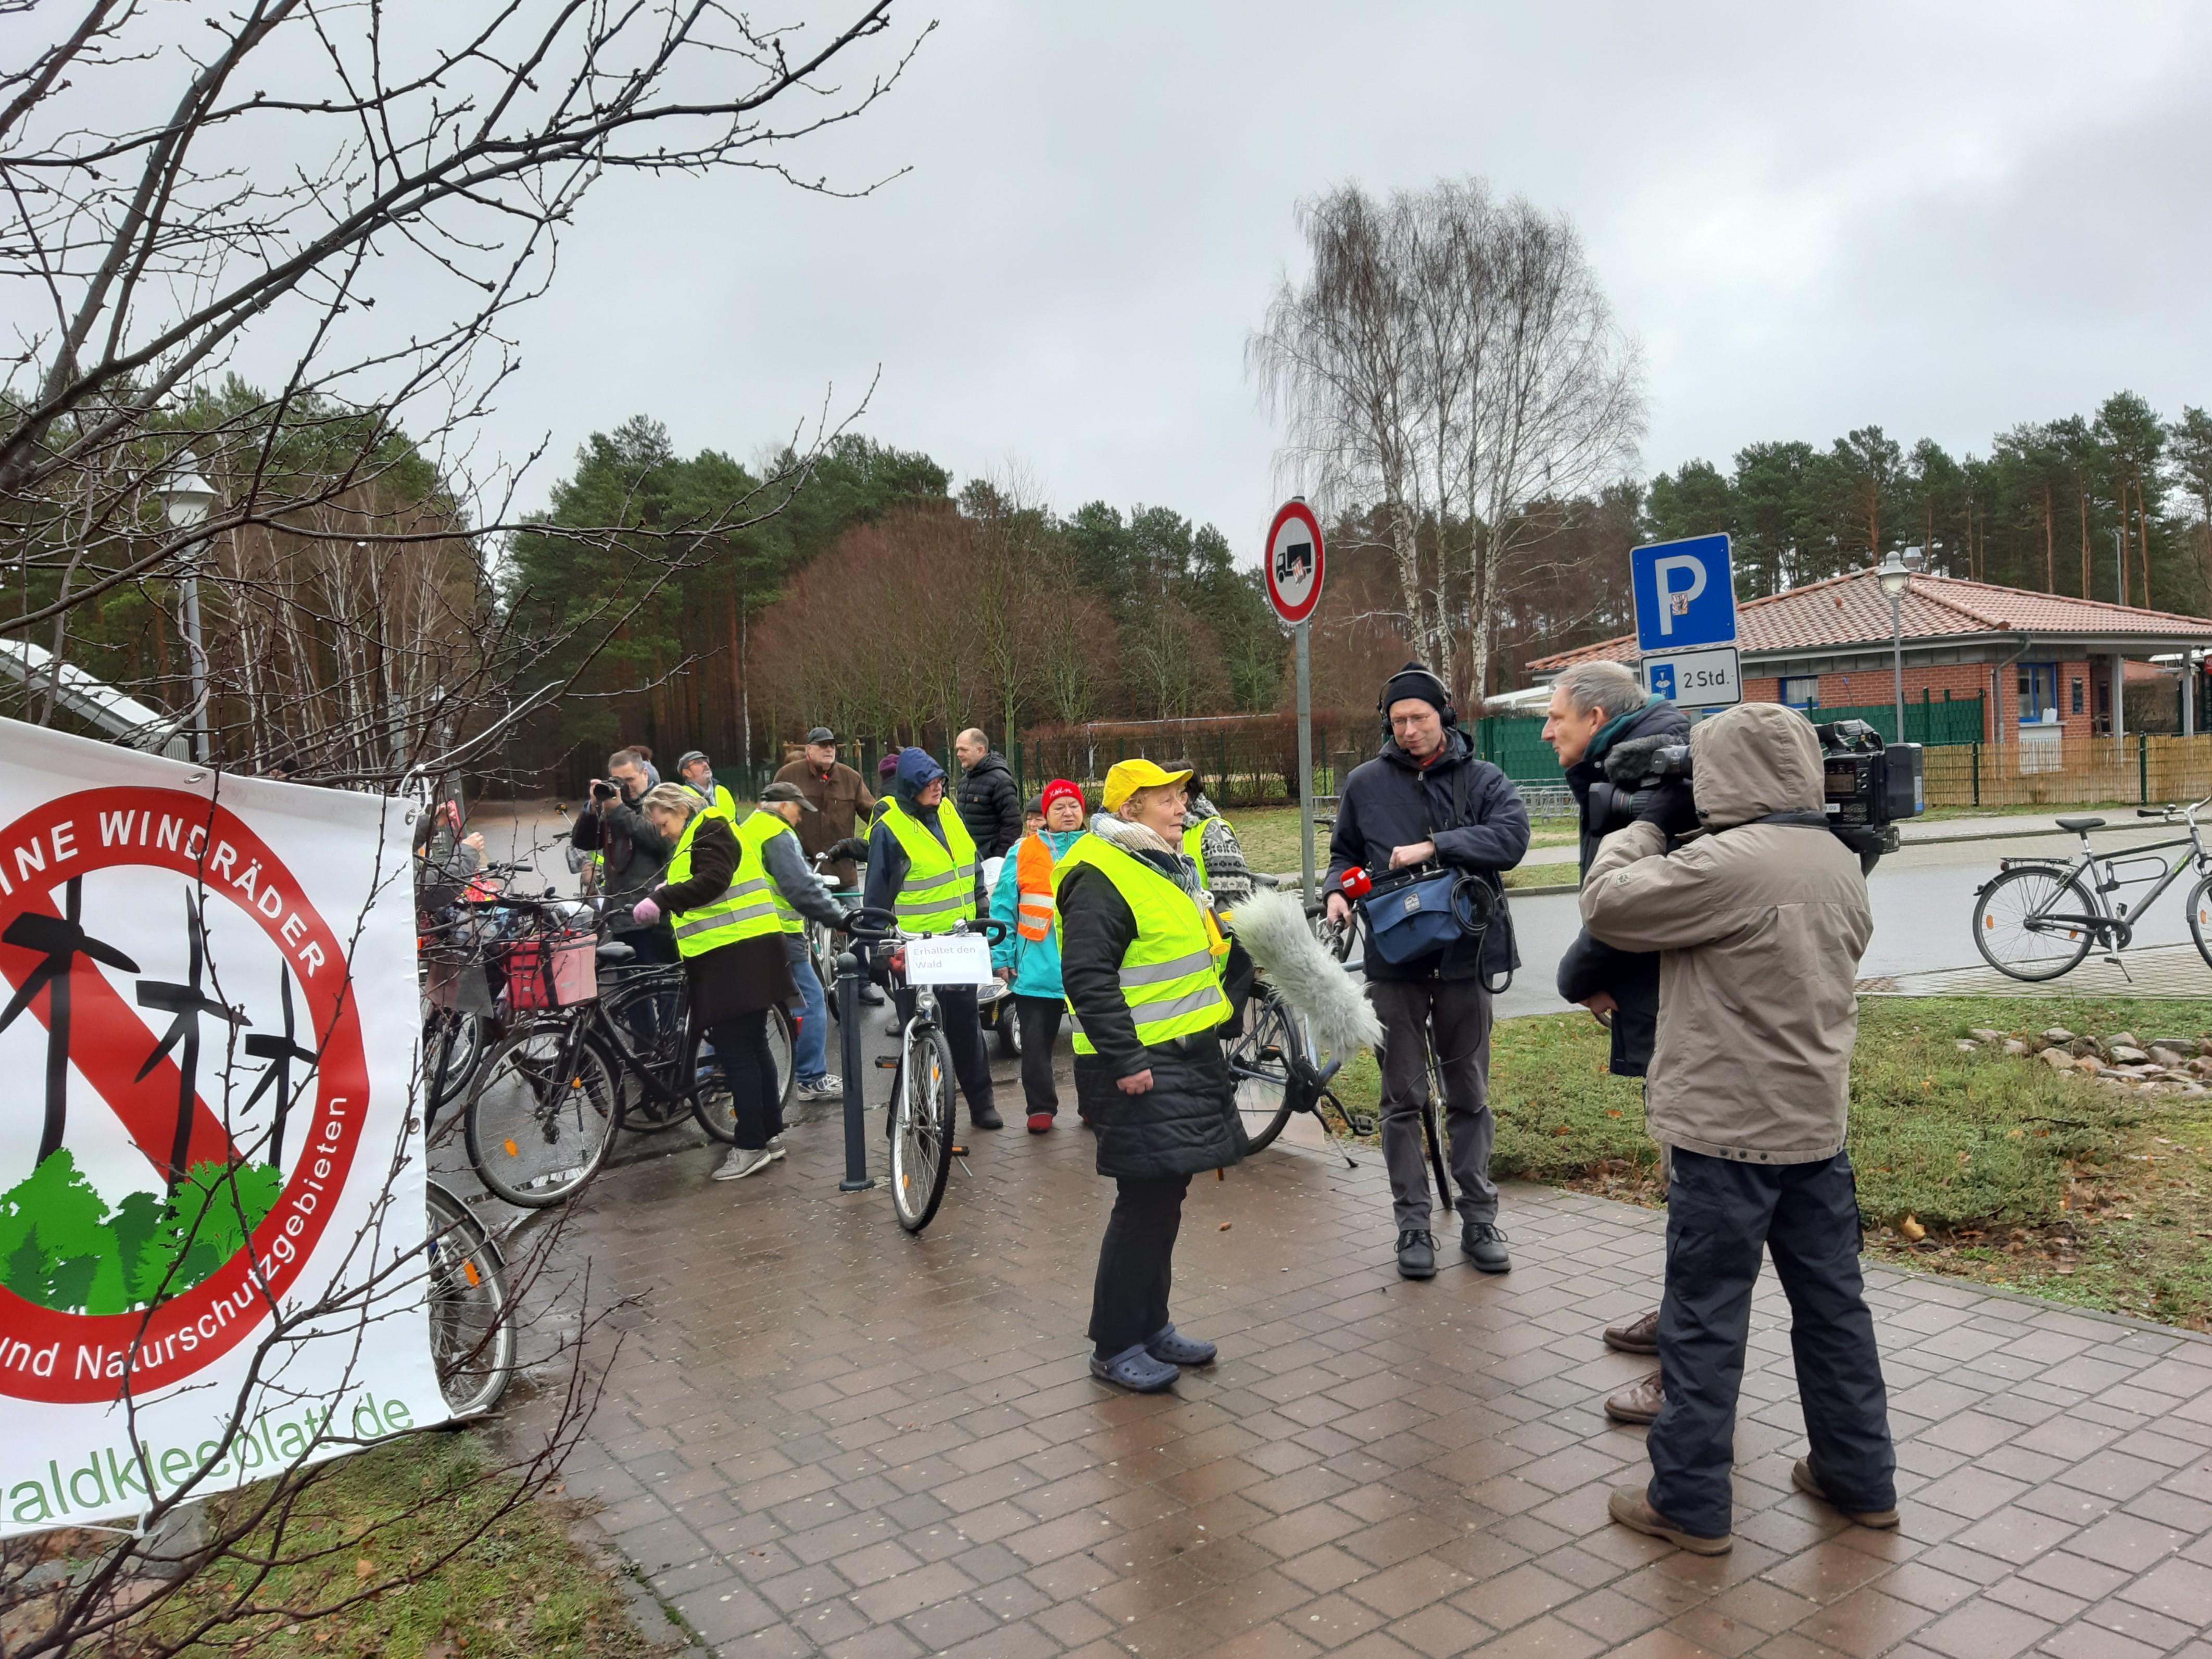 Erfolgreiche Fahrraddemo für den Erhalt des Waldes in Borkheide